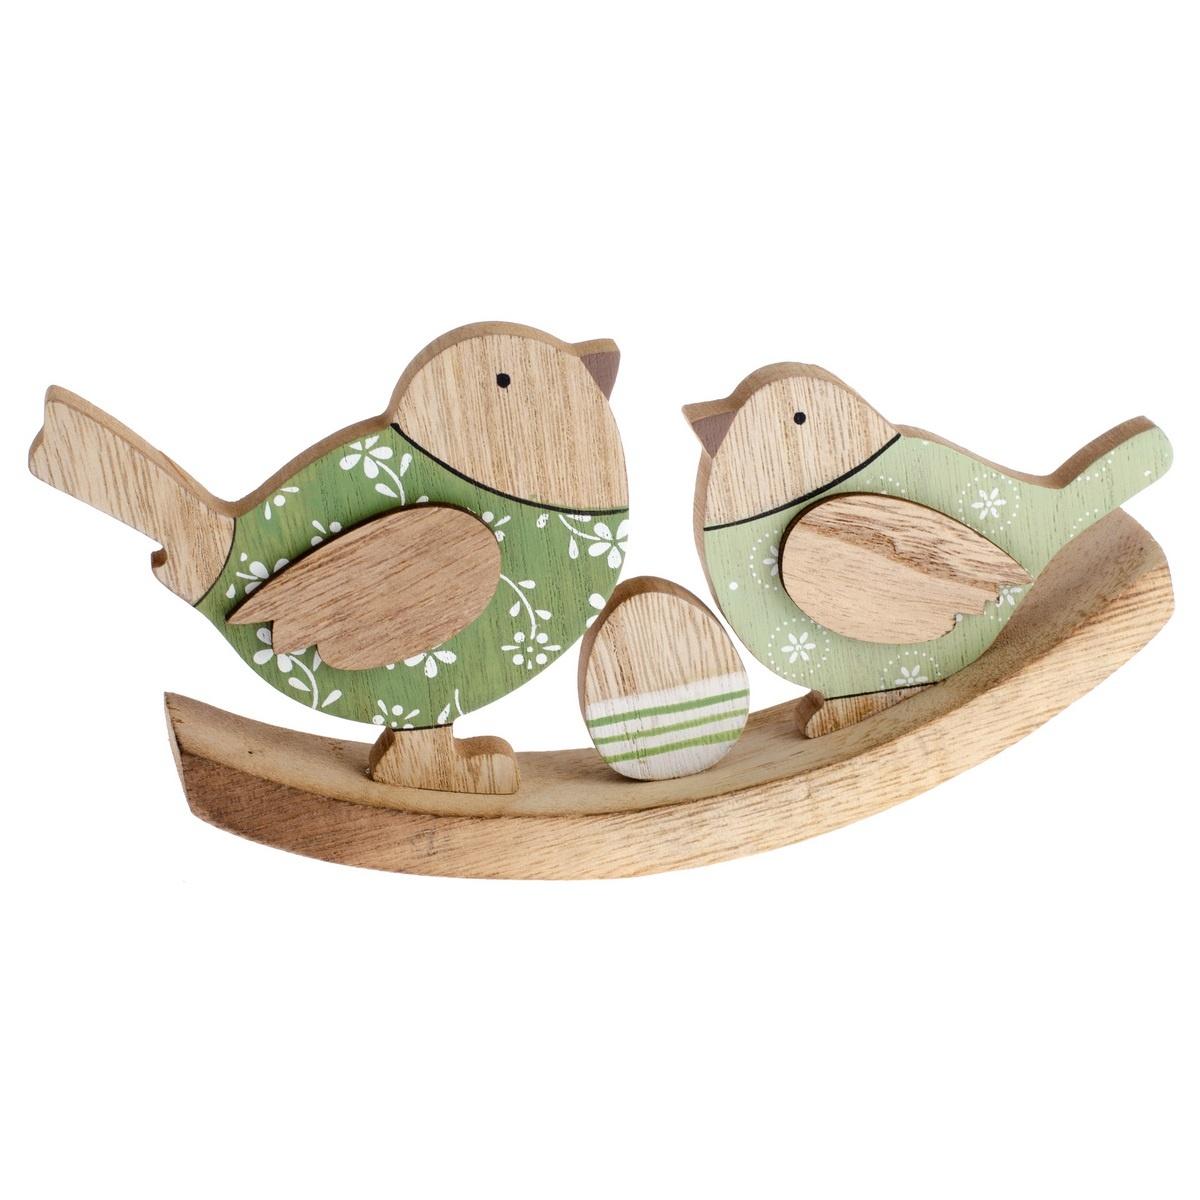 Dřevěná dekorace Ptačí rodinka, 20 cm